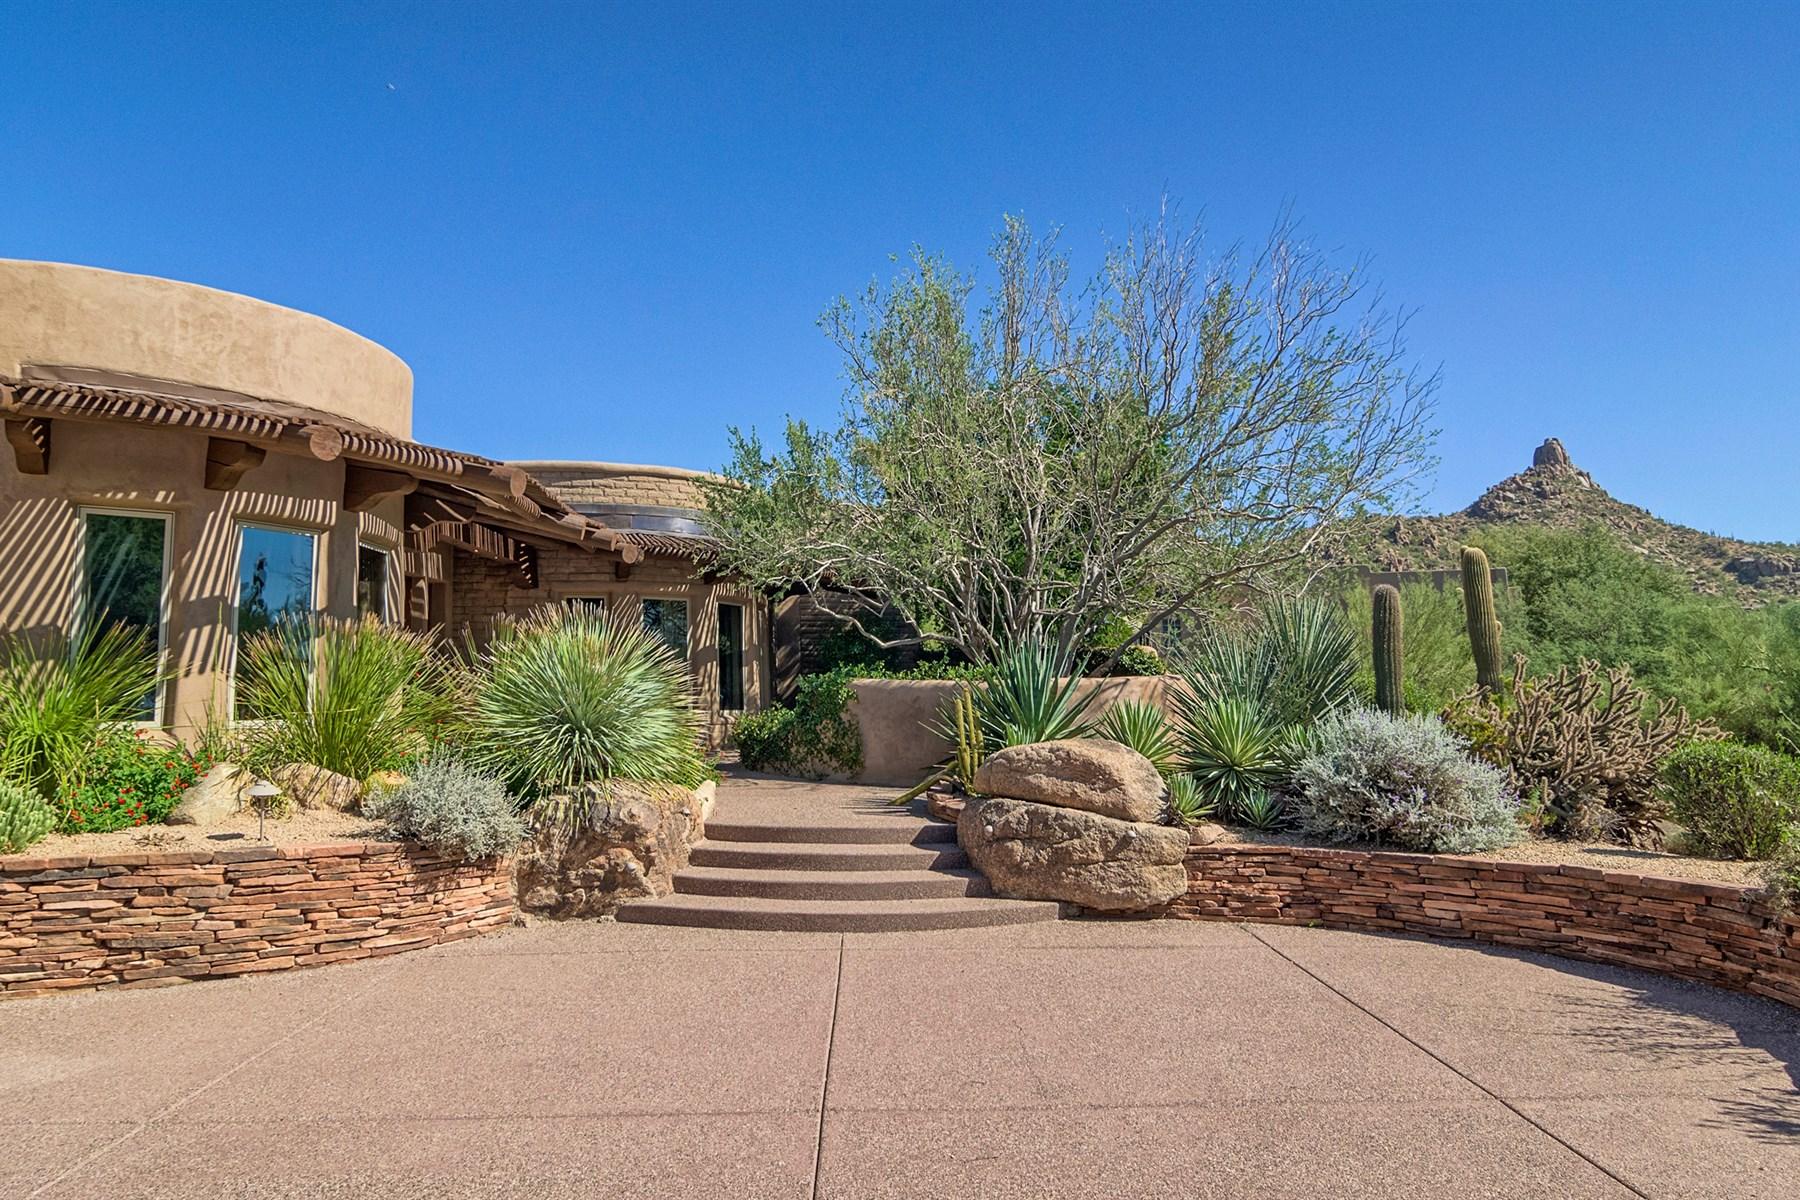 단독 가정 주택 용 매매 에 Authentic pueblo adobe home in the world renowned Estancia Golf Course 27621 N 96th Pl Scottsdale, 아리조나, 85262 미국